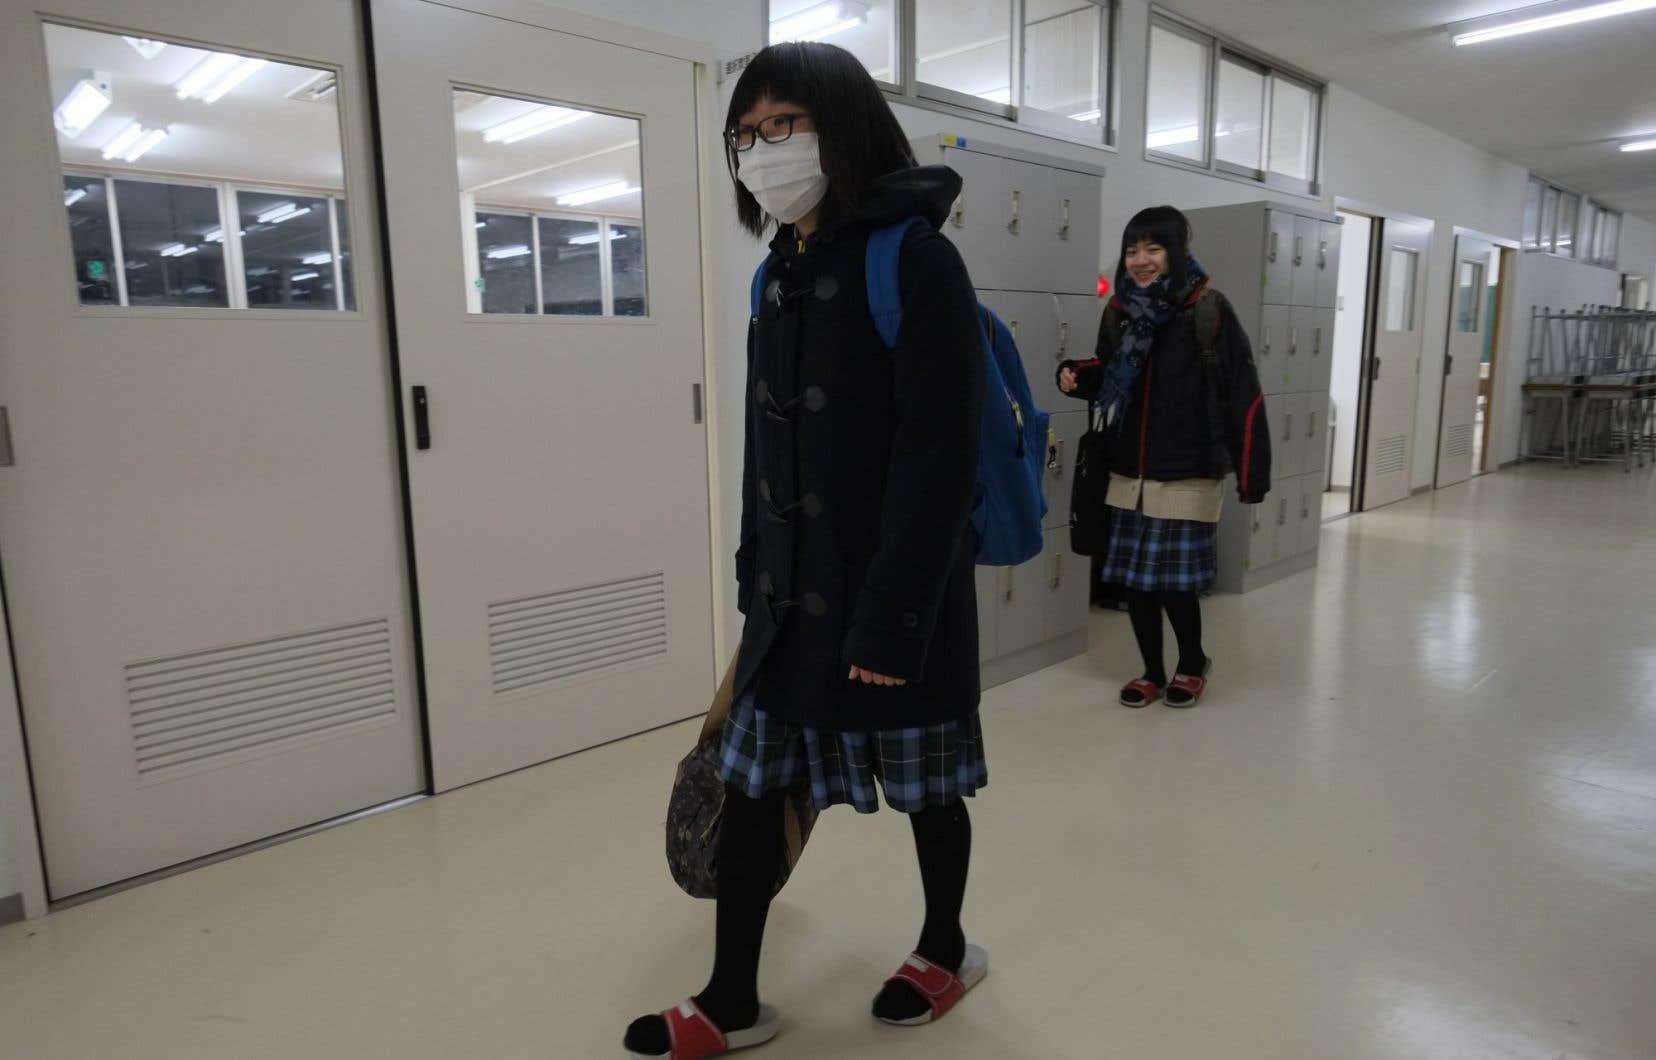 Plusieurs jeunes évacués étudient désormais dans une école spécialement créée pour accueillir des élèves des zones contaminées.